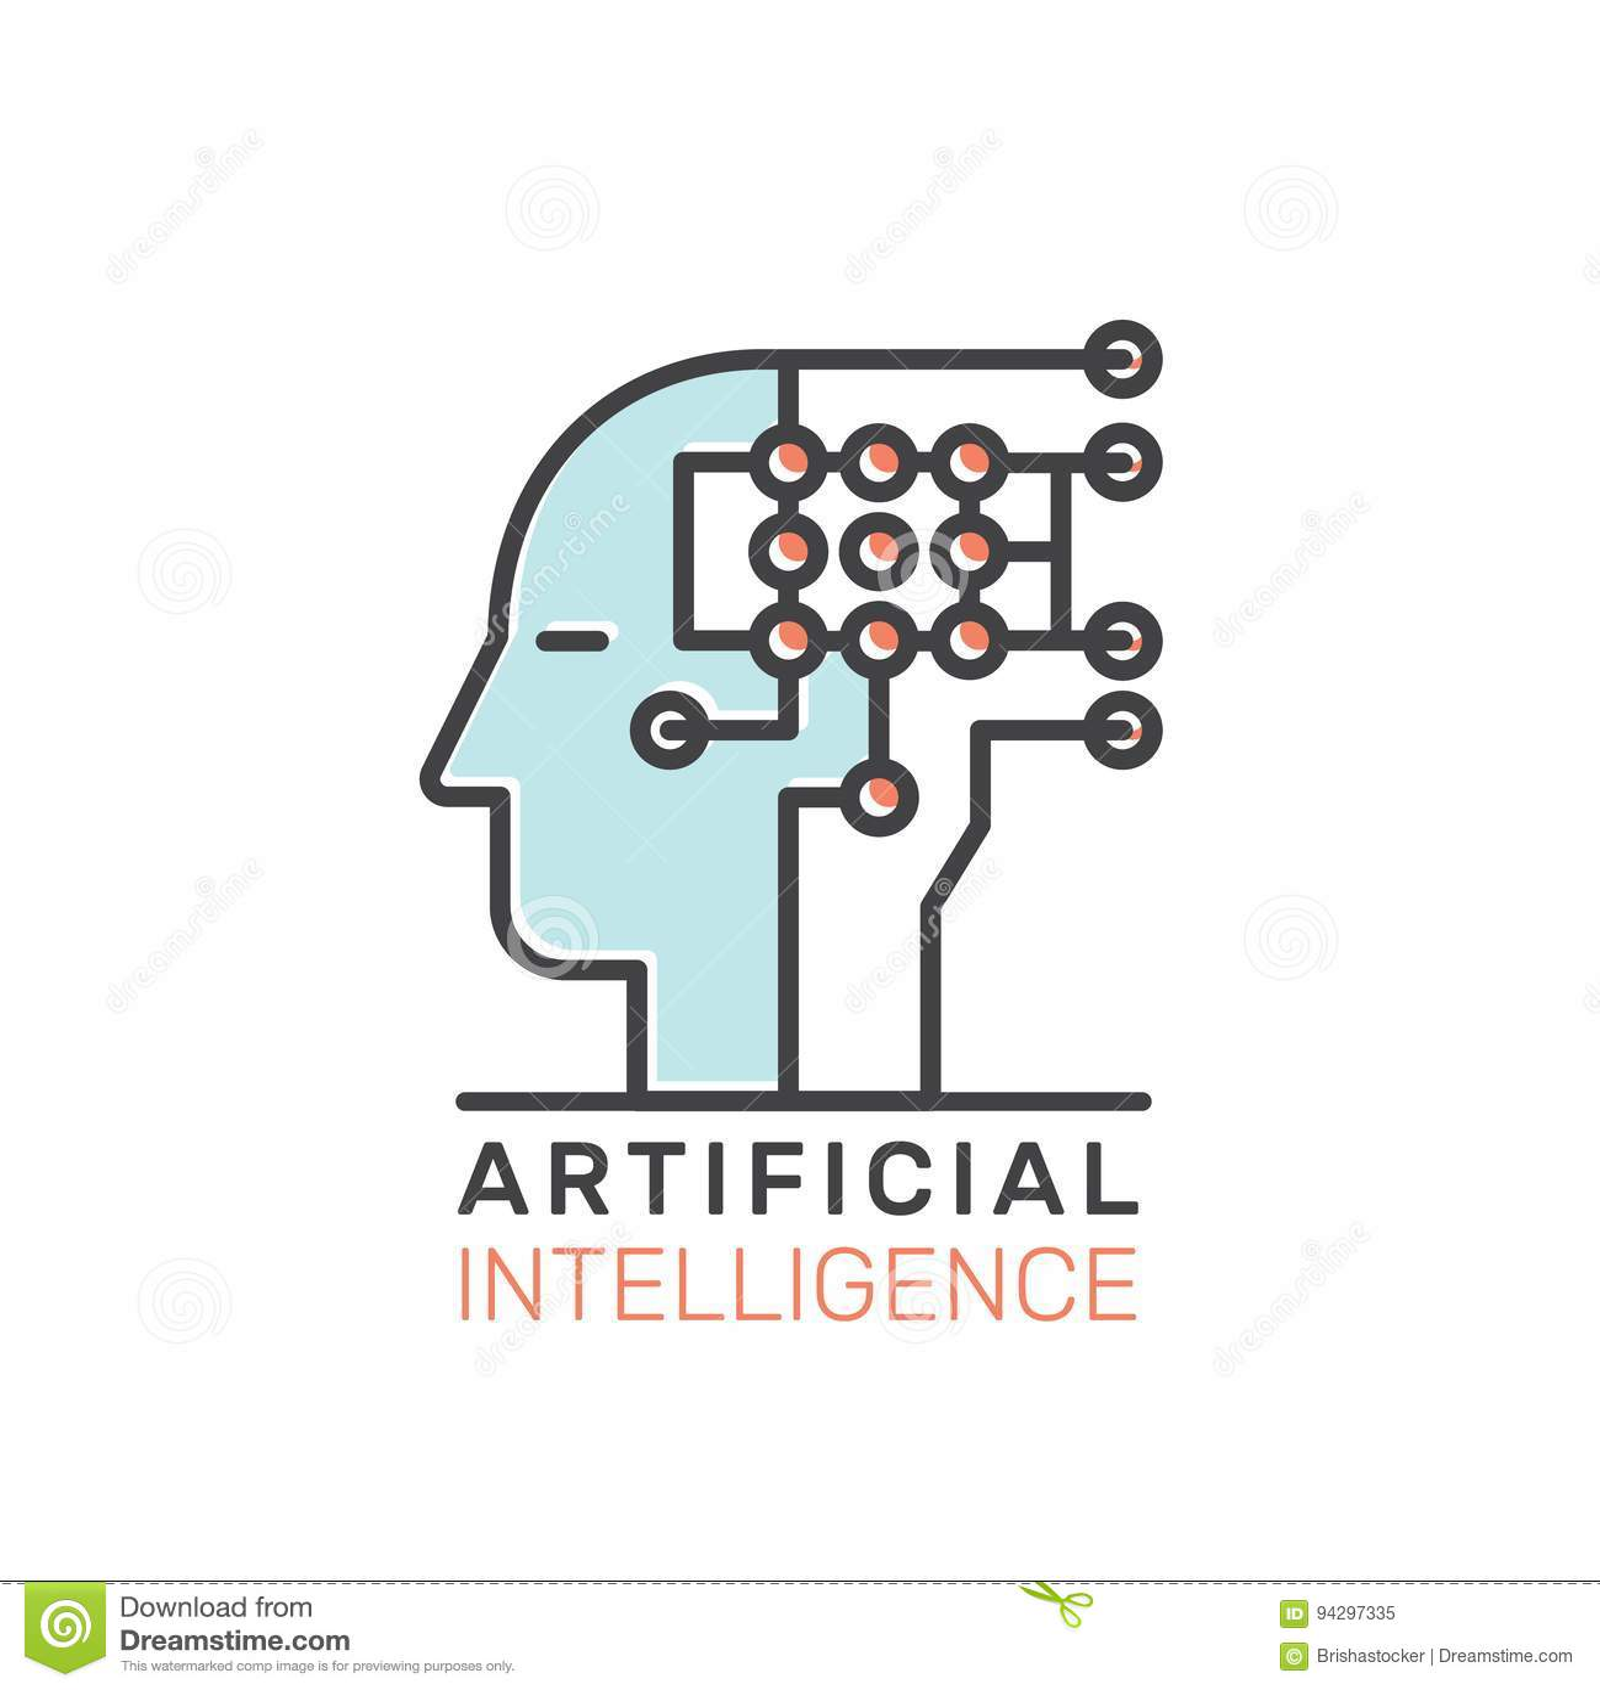 机器学习,人工智能,虚拟现实,未来EyeTap技术的概念